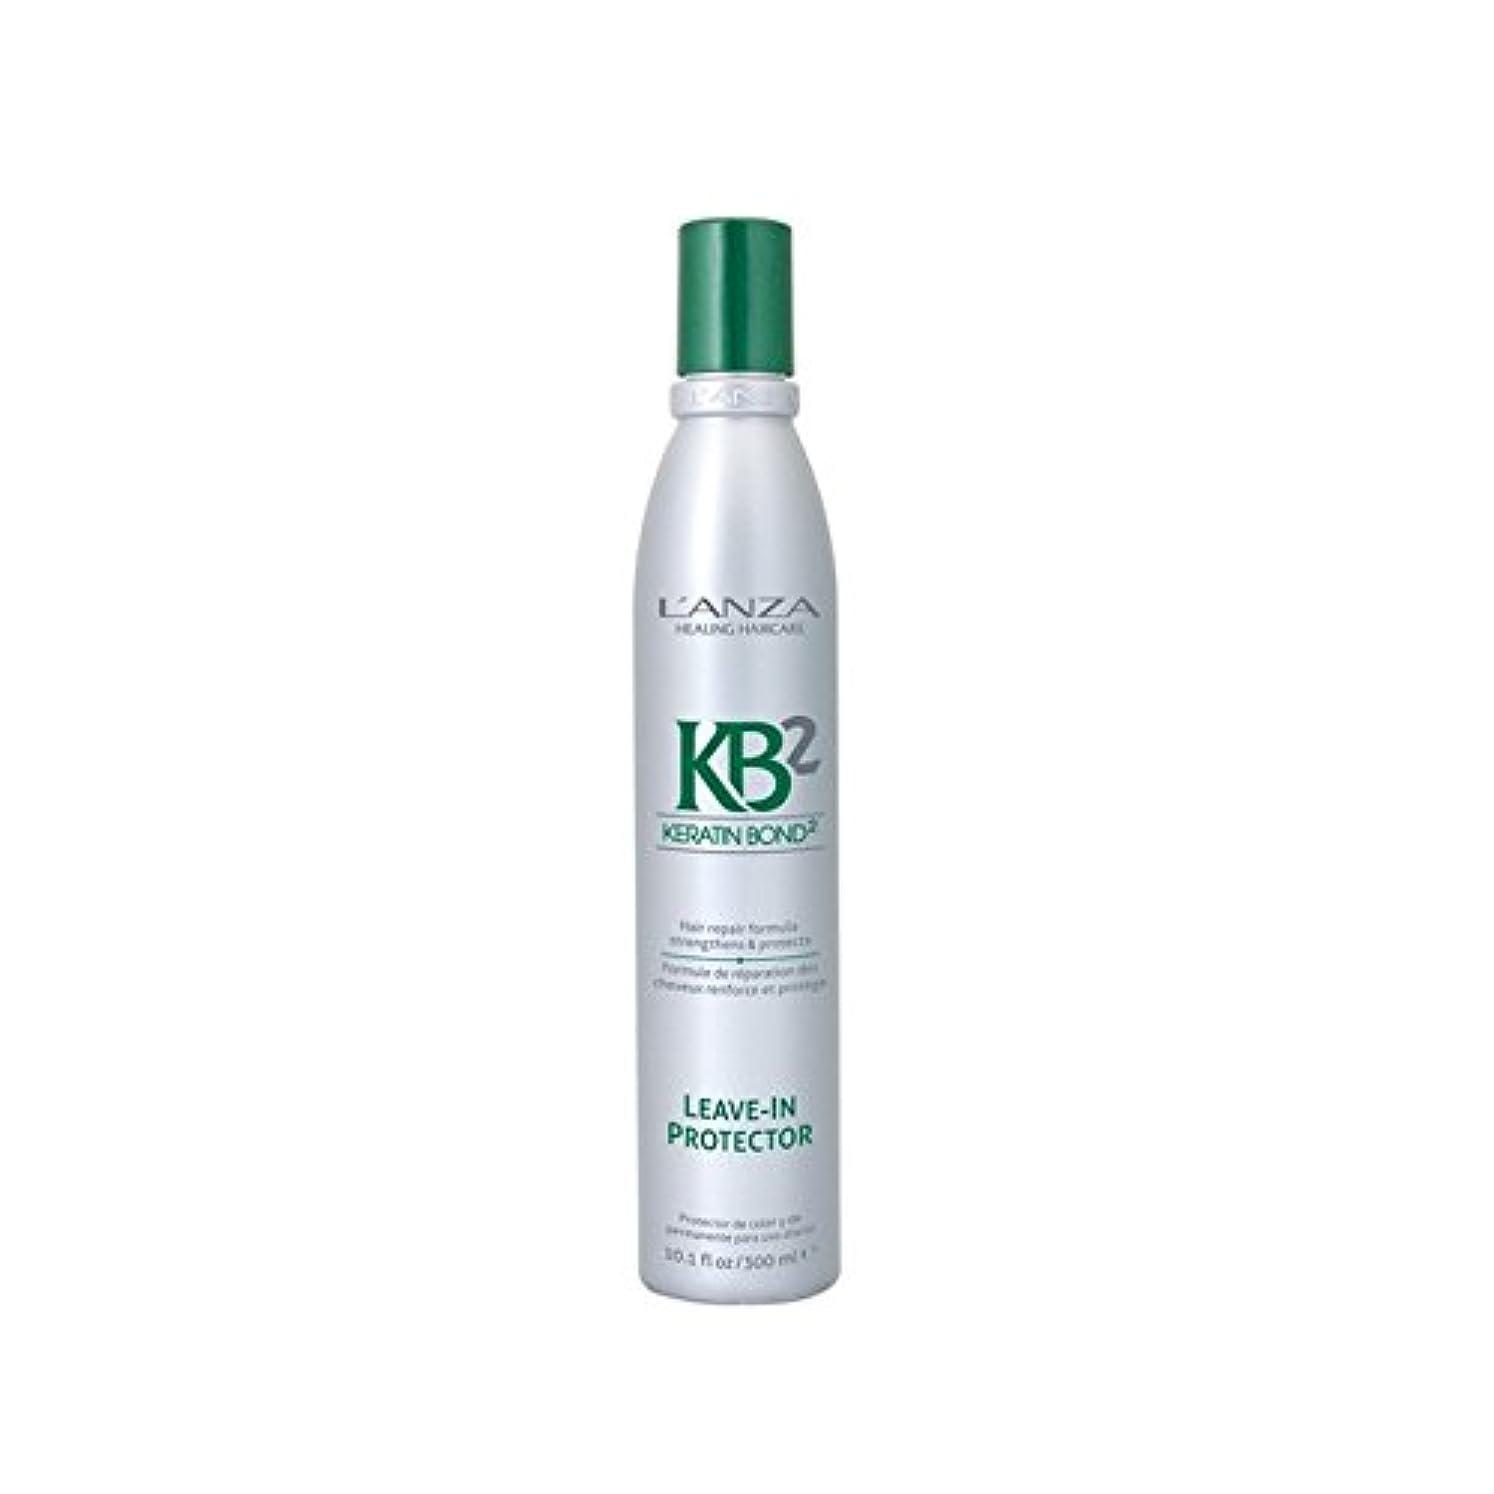 調停者問い合わせくしゃくしゃアンザはプロテクターヘアトリートメント(300ミリリットル)に残し2 x4 - L'Anza Kb2 Leave In Protector Hair Treatment (300ml) (Pack of 4) [並行輸入品]